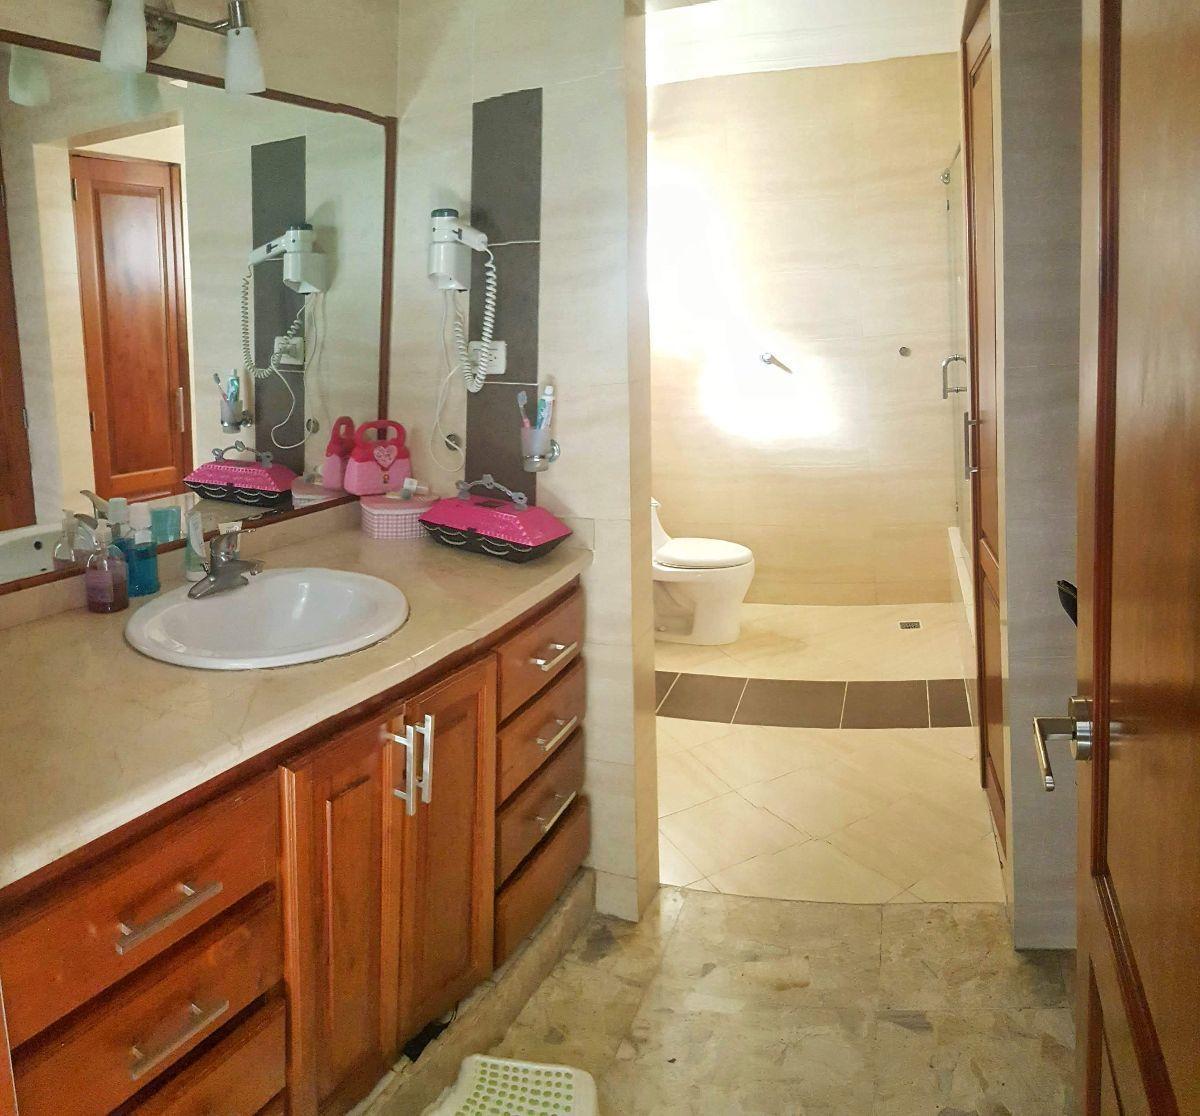 12 de 22: Baños privados en cada habitación.